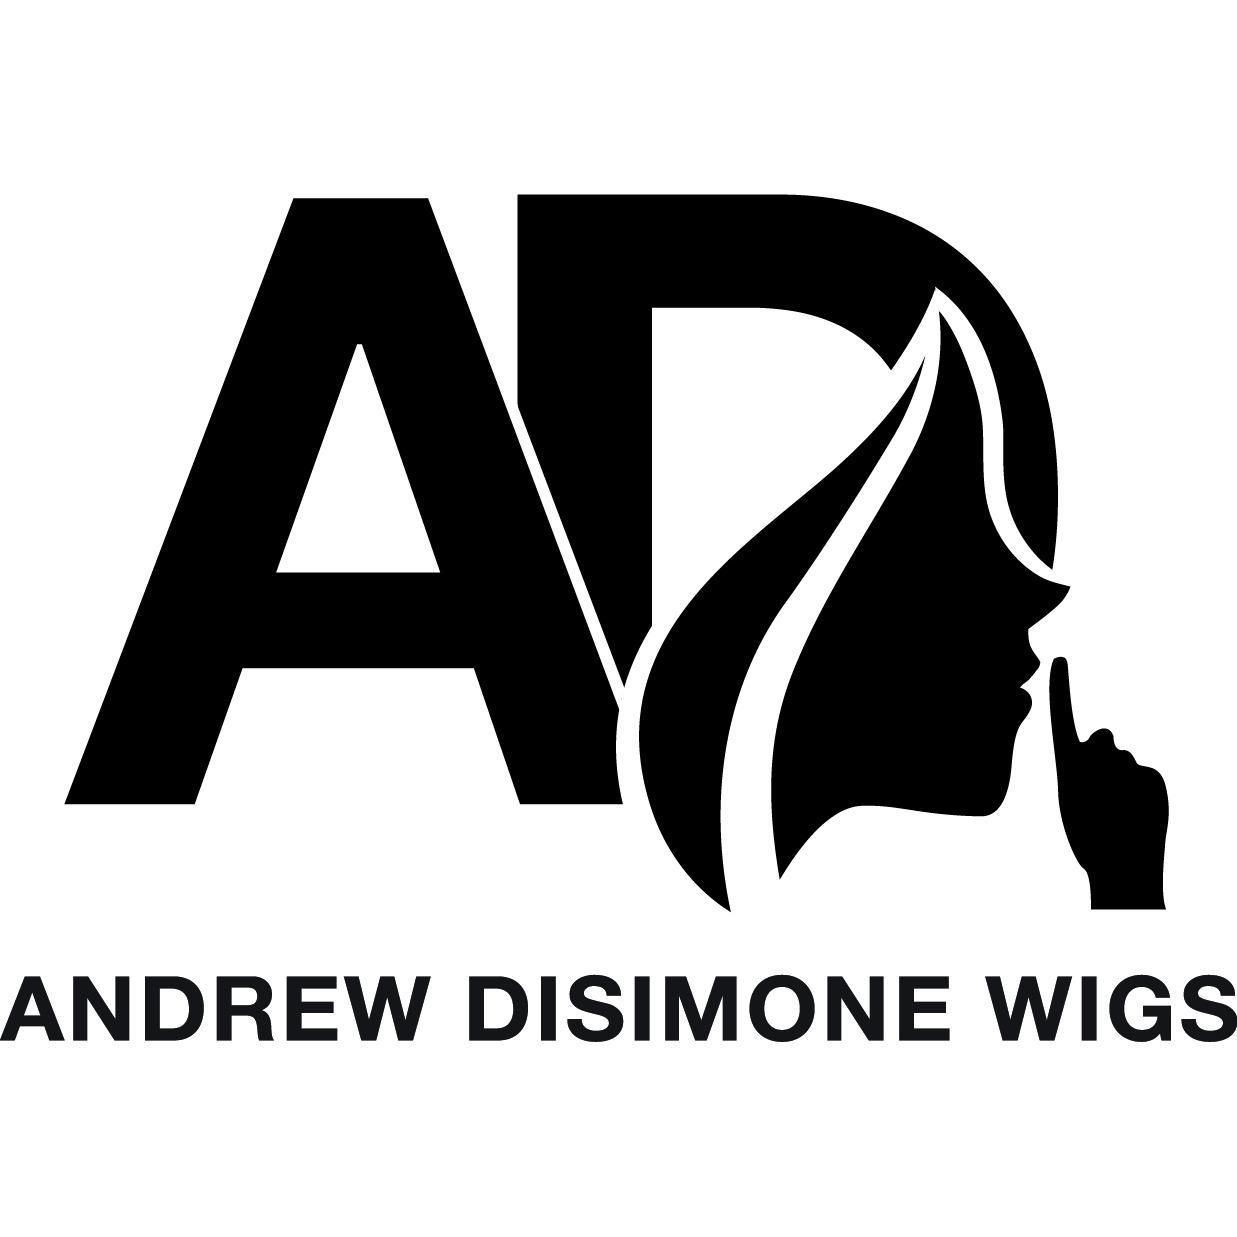 Andrew DiSimone Wigs